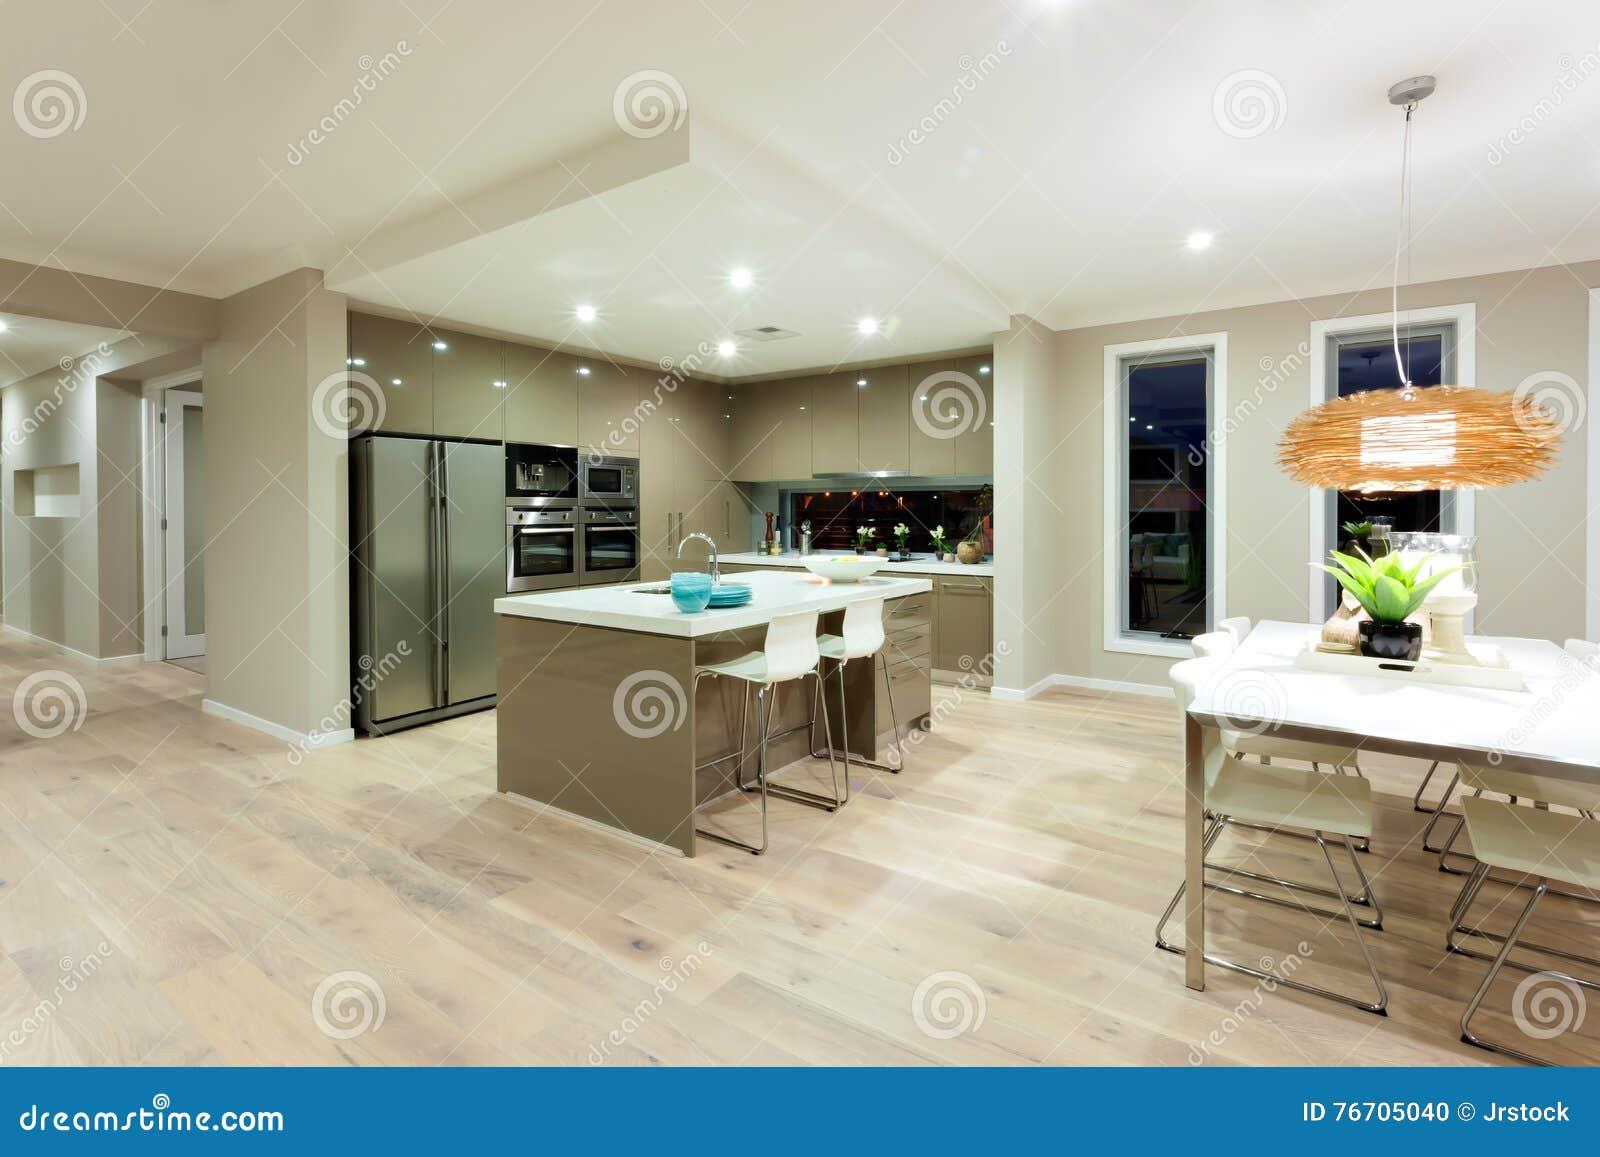 Cucina moderna e vista interna dinning di area di una casa for Casa moderna cucina